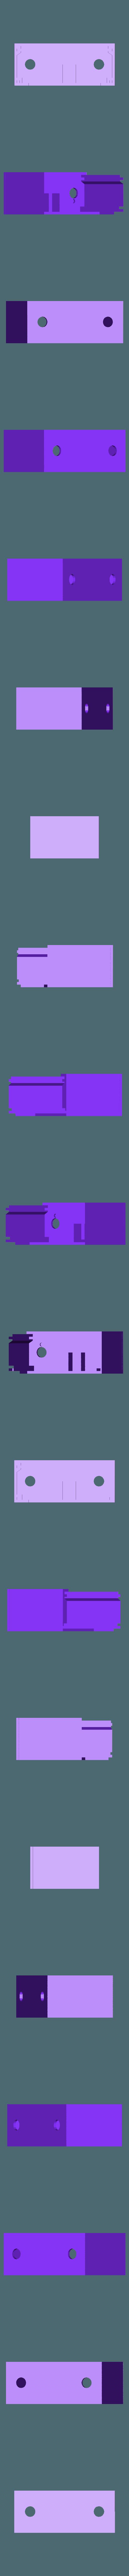 BusySign-Bottom.stl Télécharger fichier STL gratuit Boîte de bureau clignotante DND • Design imprimable en 3D, suromark